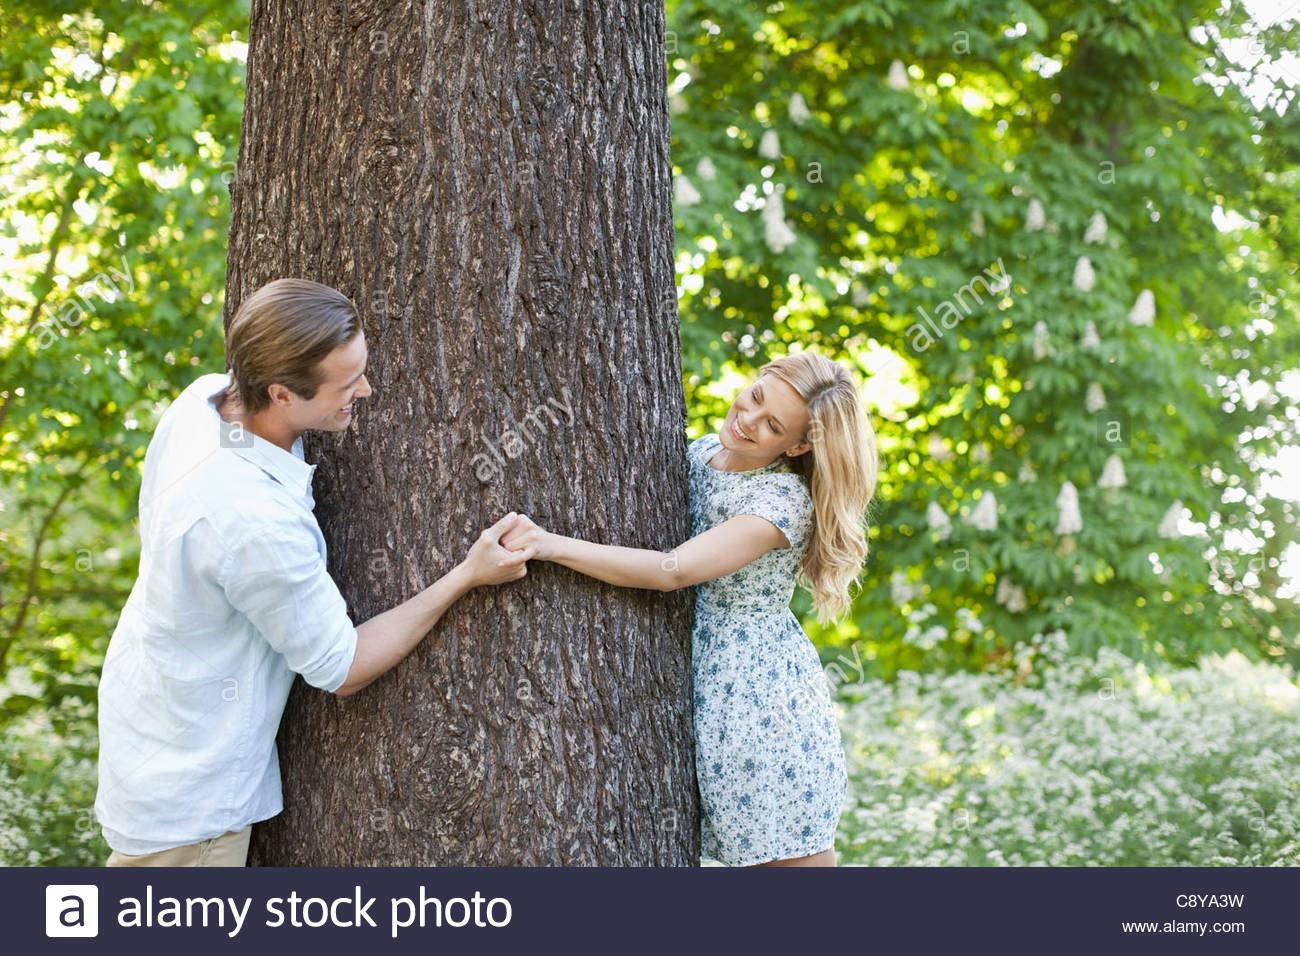 Las manos de la pareja alrededor del árbol Imagen De Stock